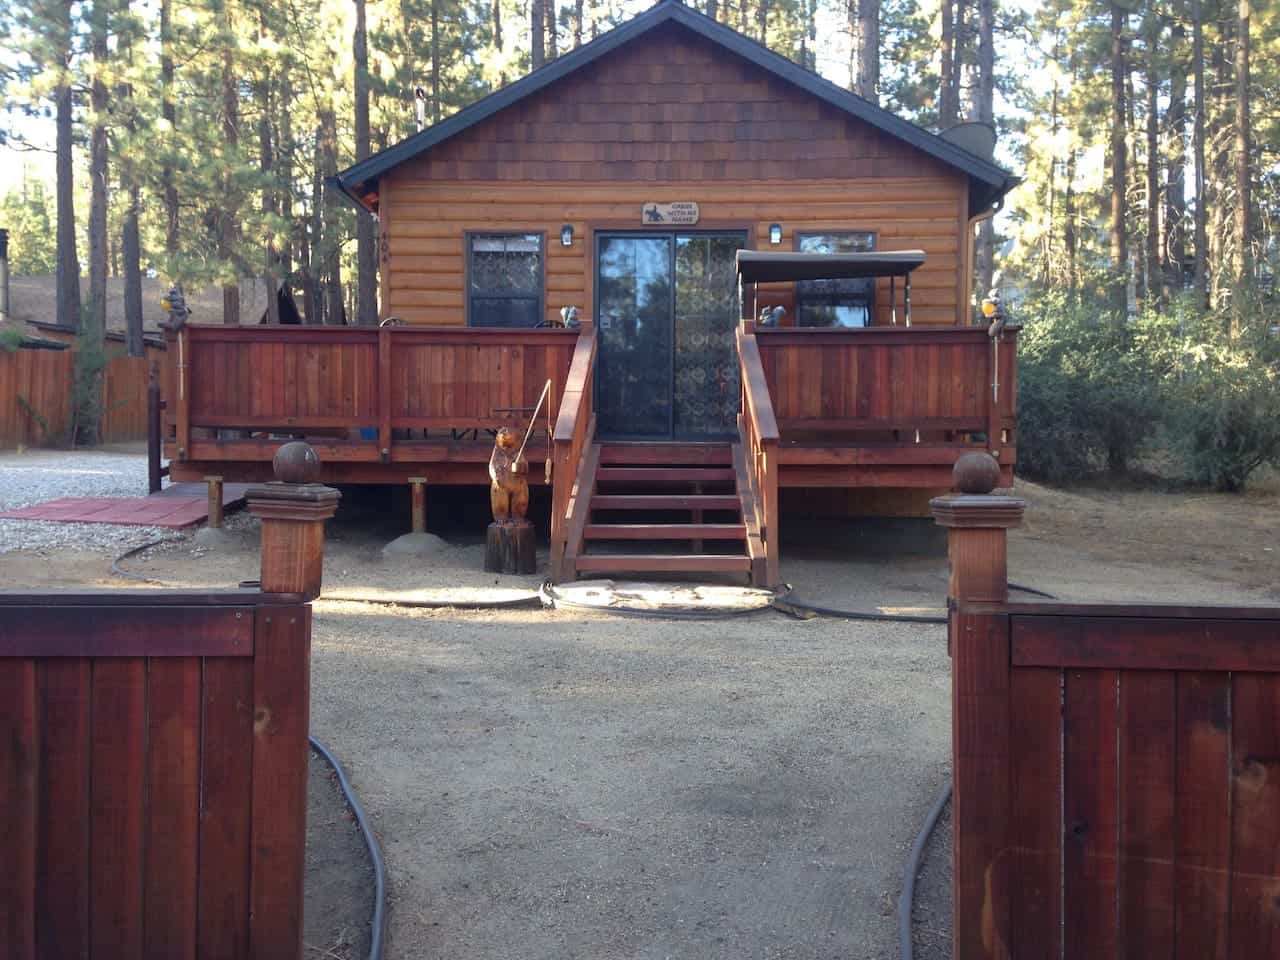 Image of Airbnb rental in Big Bear Lake California